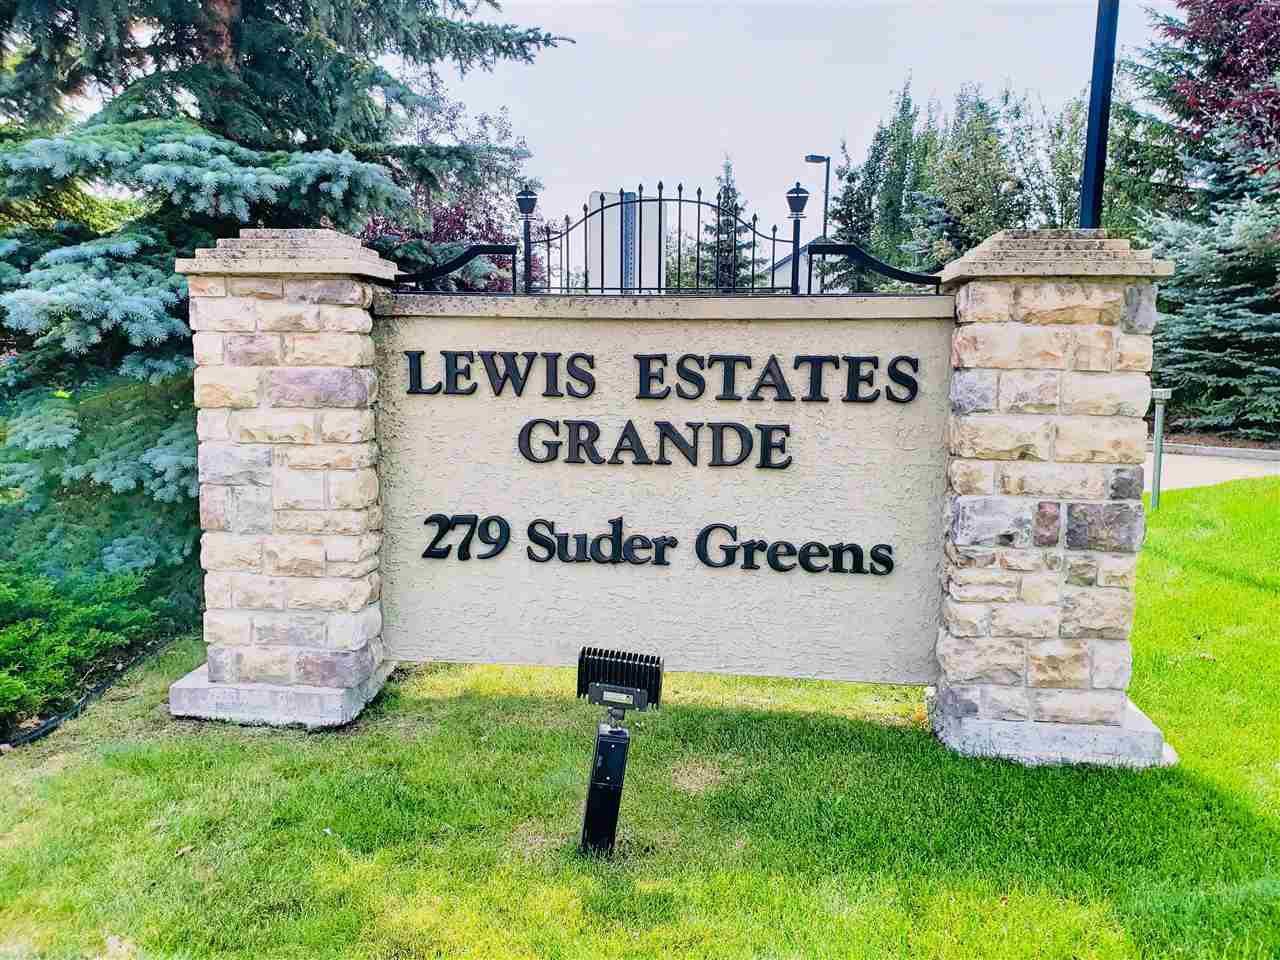 Main Photo: 203 279 SUDER GREENS Drive in Edmonton: Zone 58 Condo for sale : MLS®# E4183144